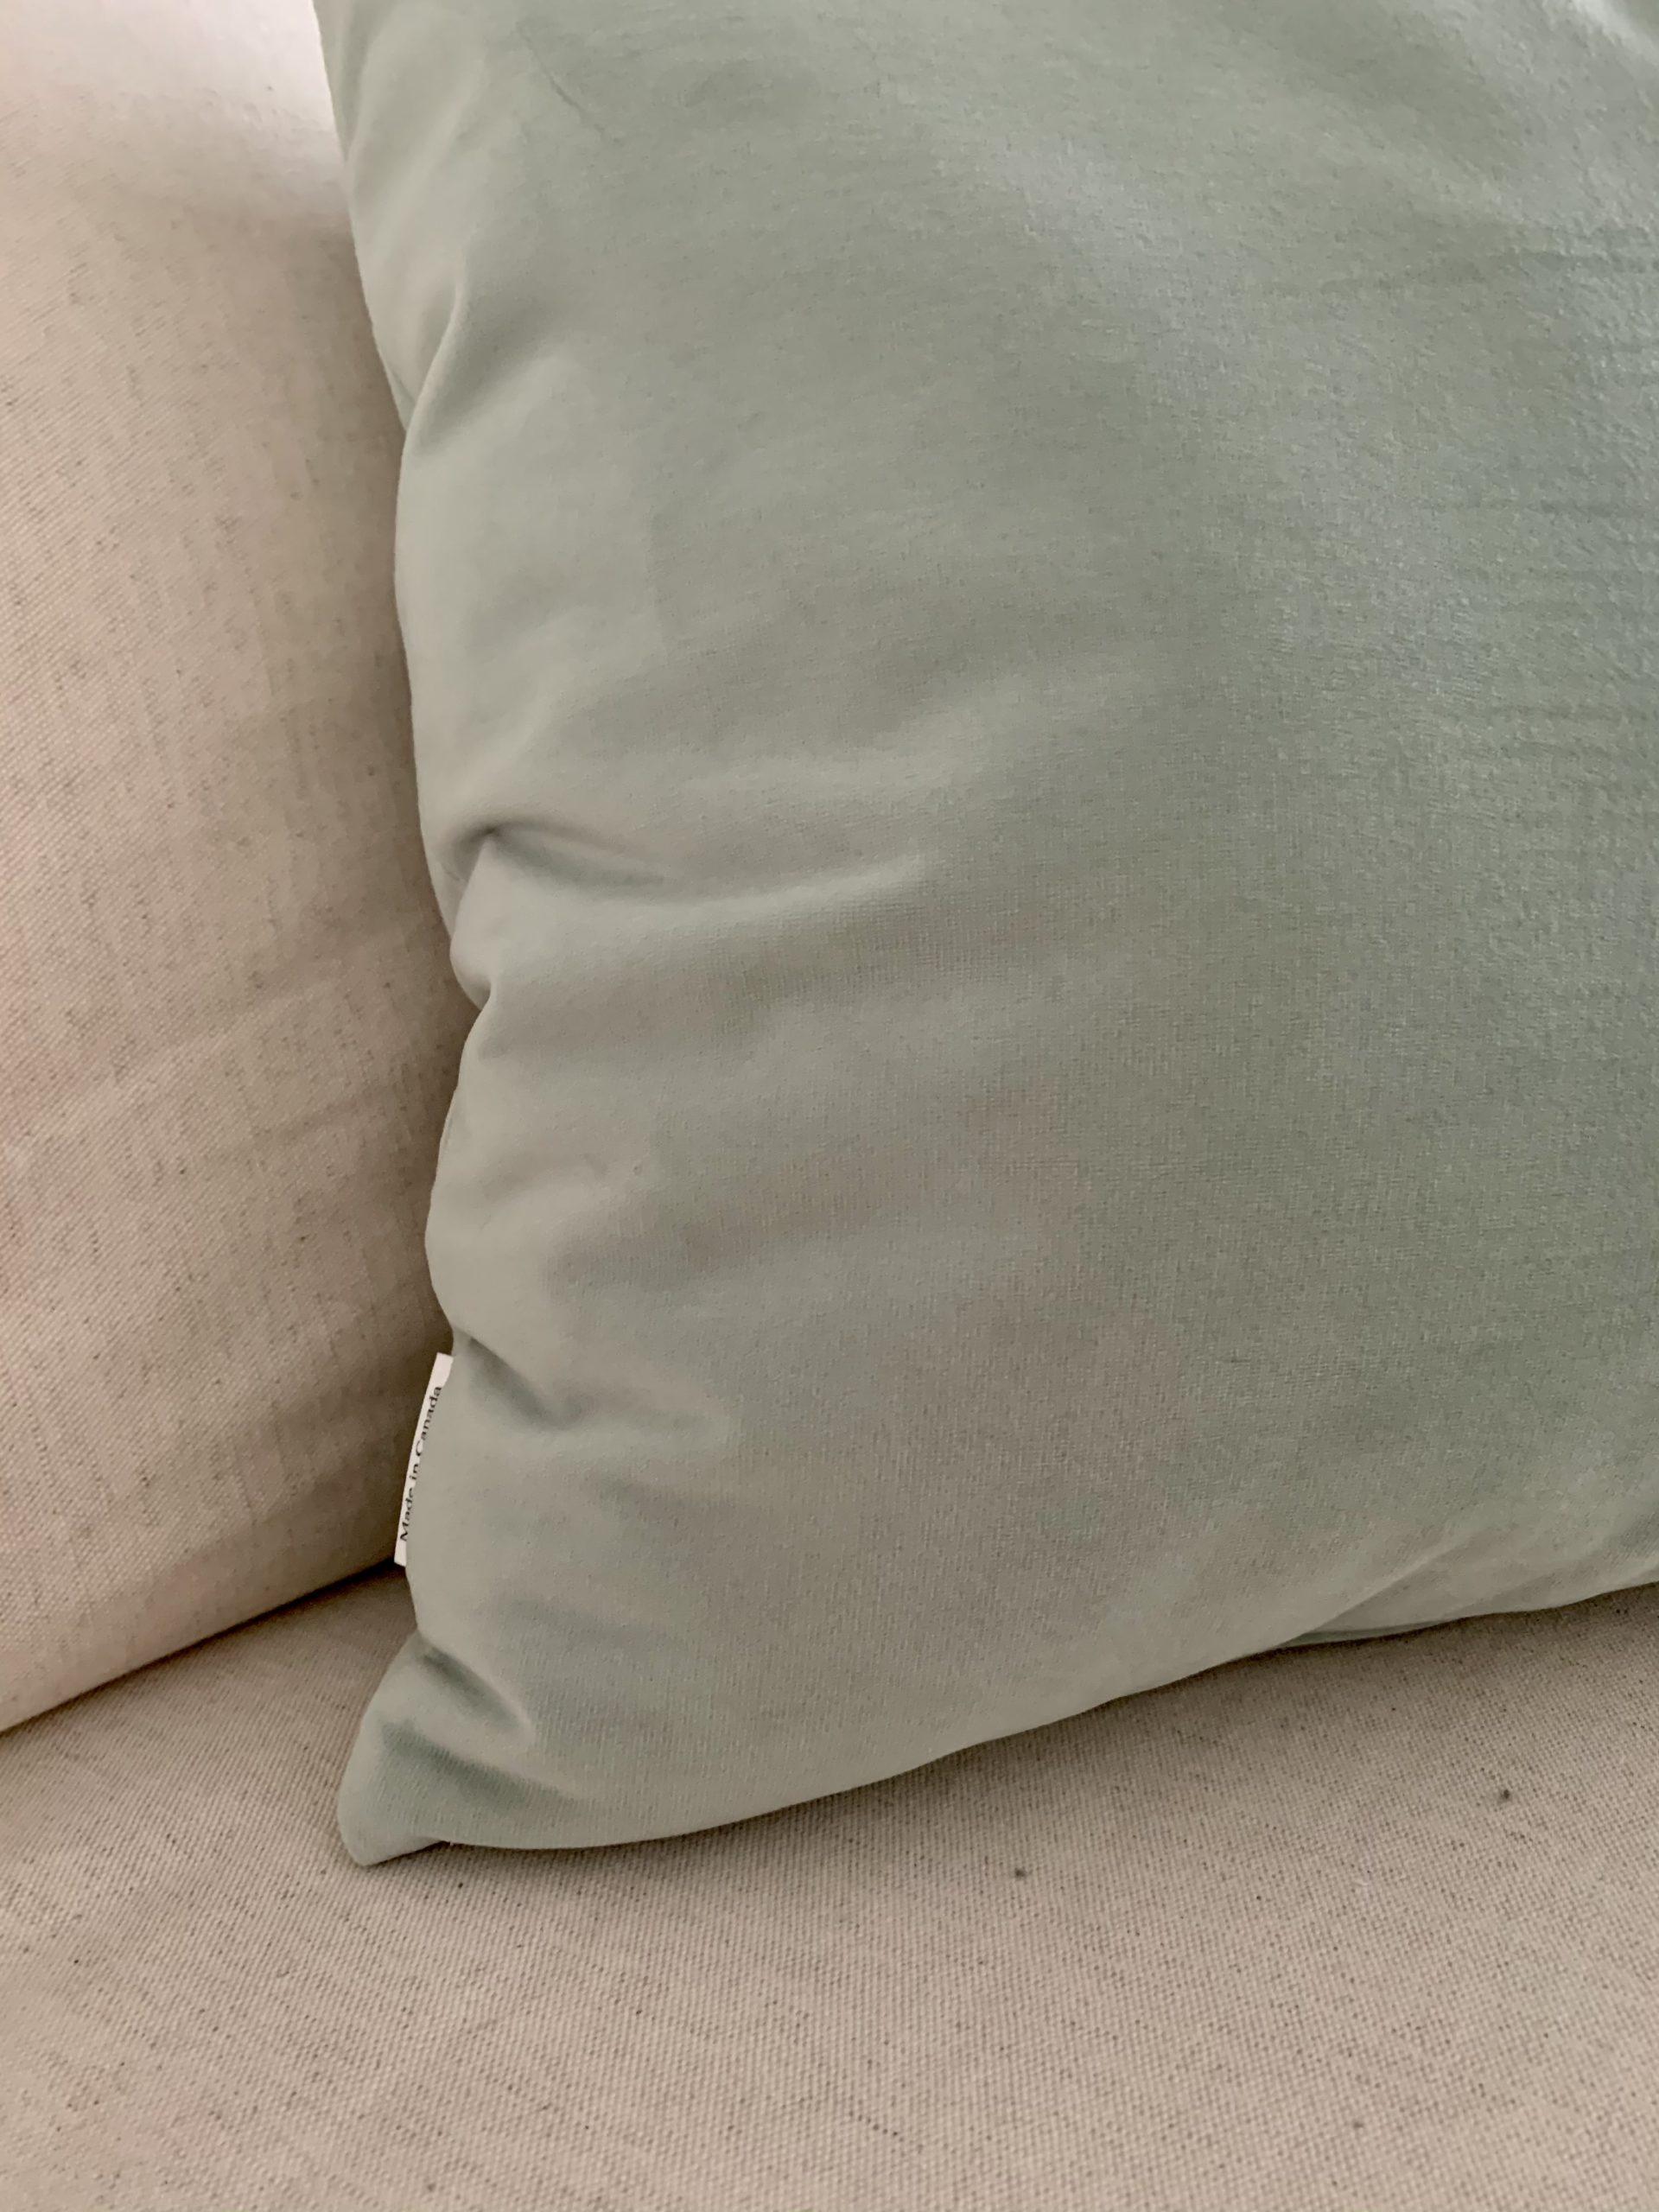 ice green velvet pillow covers 16x16